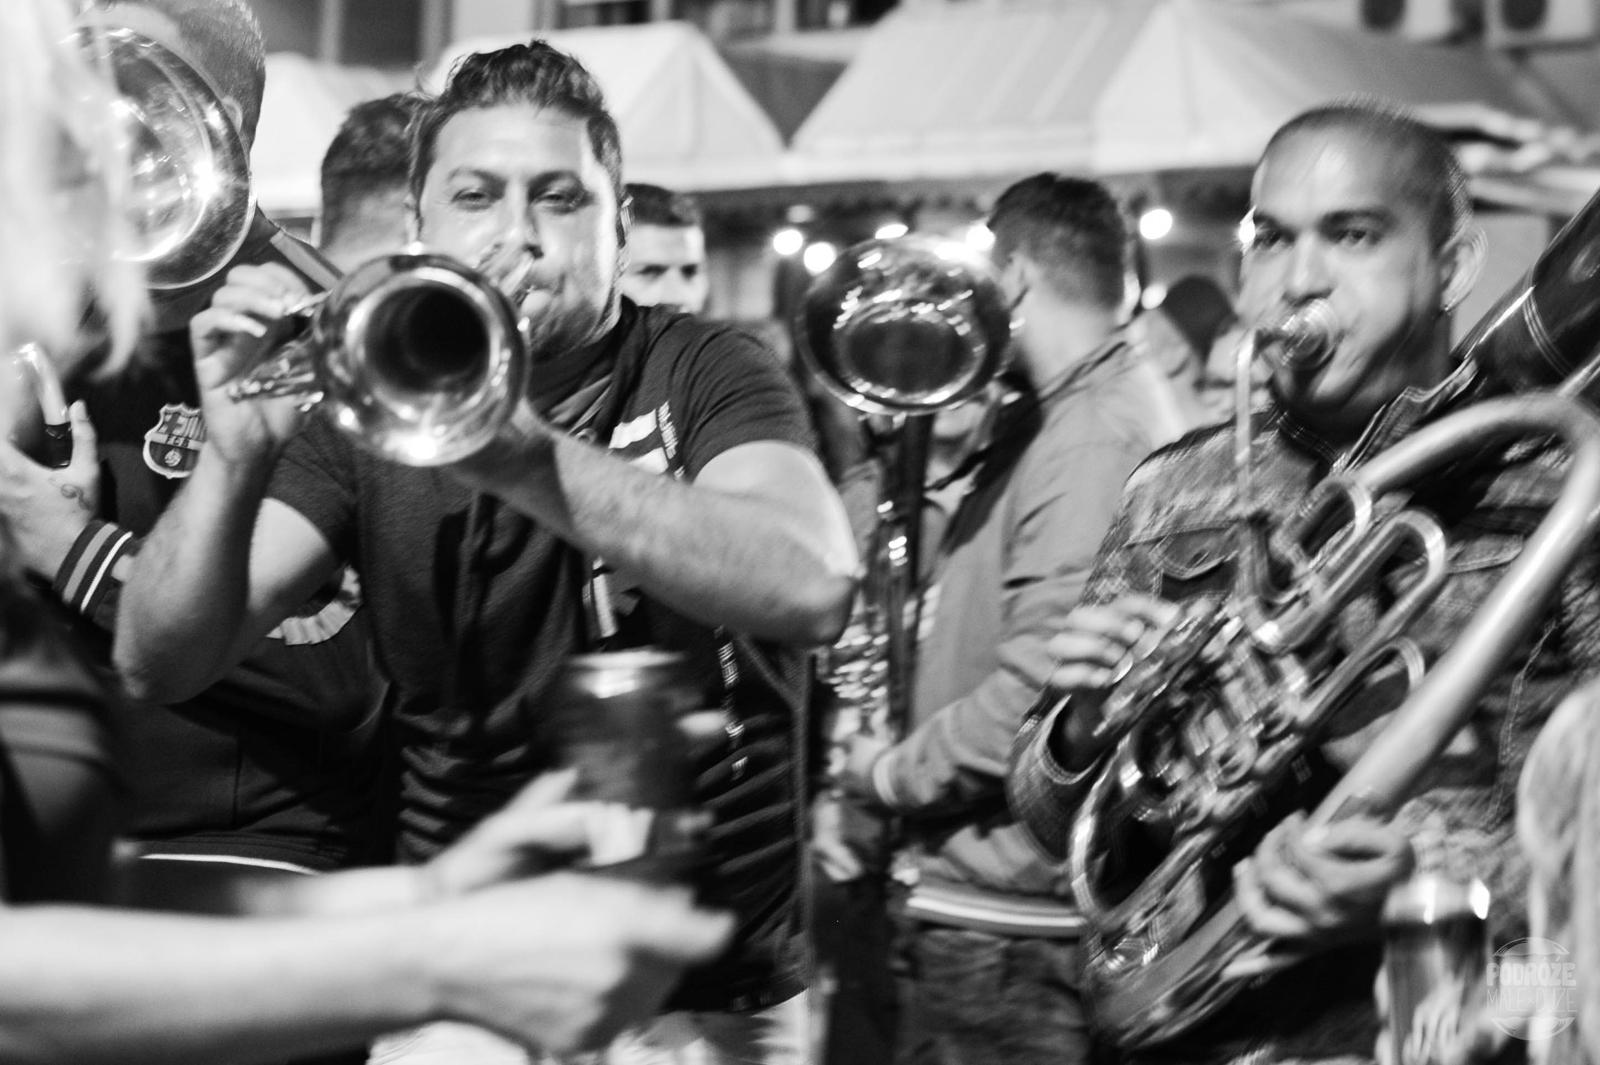 Serbia festiwal trąb w Guca muzyka na żywo na ulicy